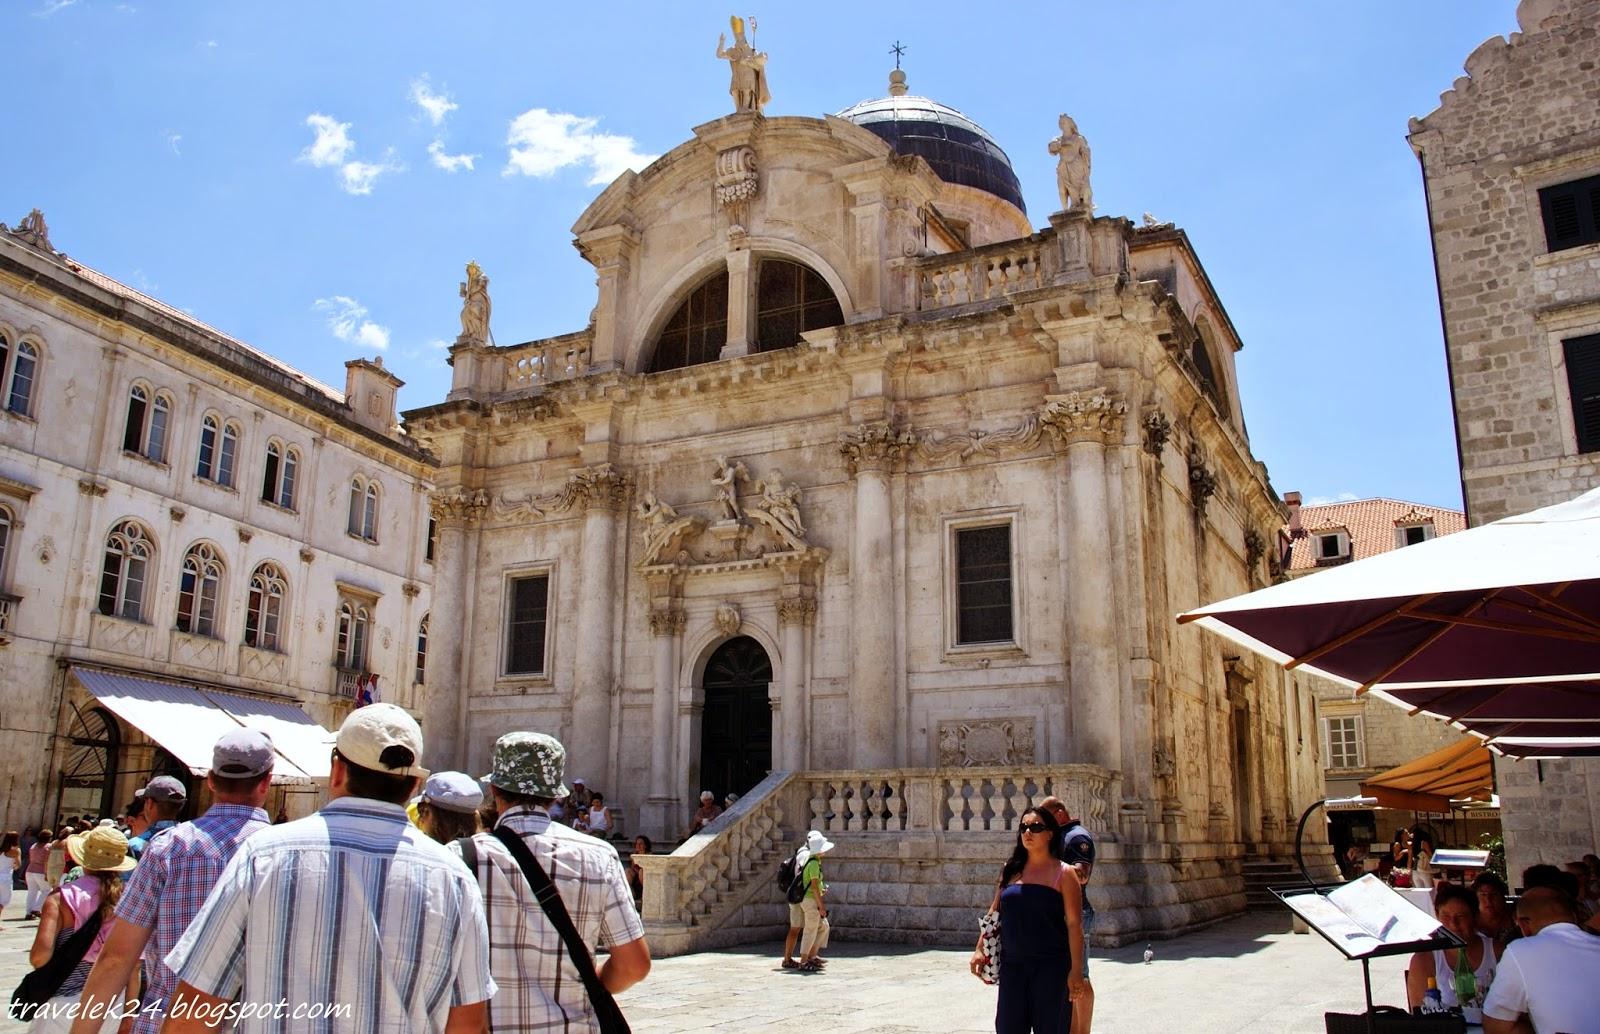 Katedra Wniebowzięcia Najświętszej Maryji Panny